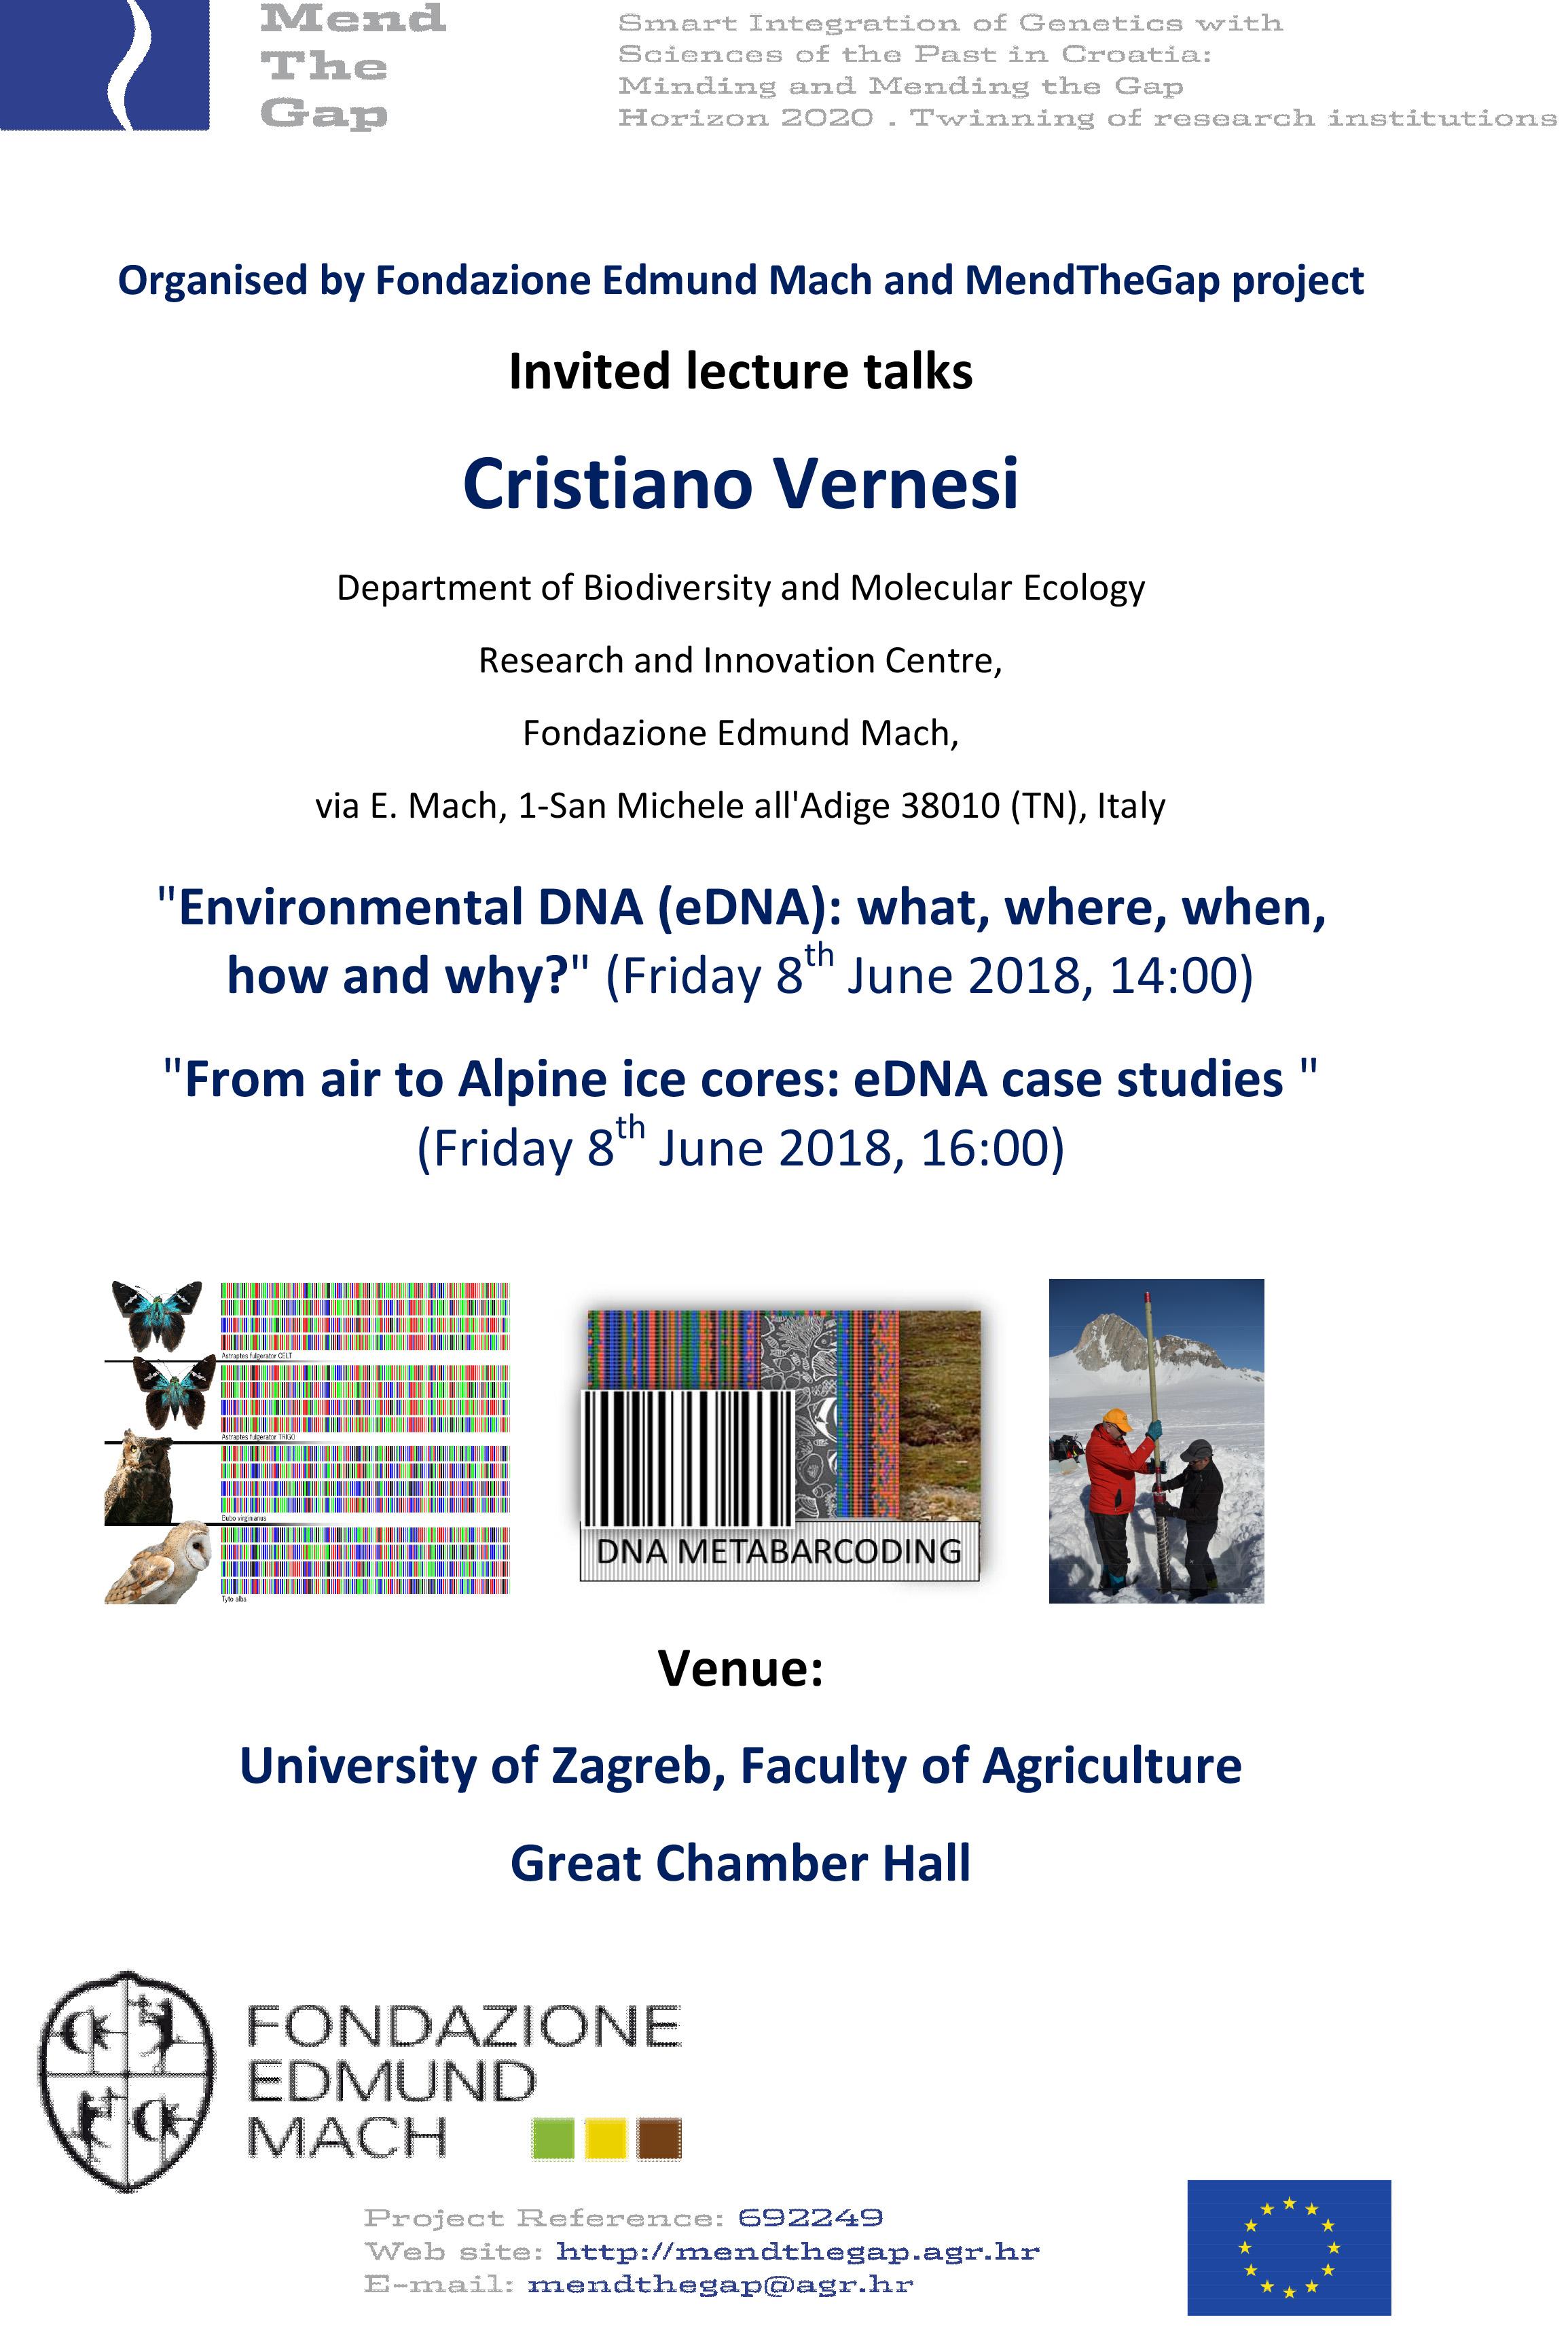 Vernesi-eDNA-invited-talks-FEM-MendTheGap-vfin